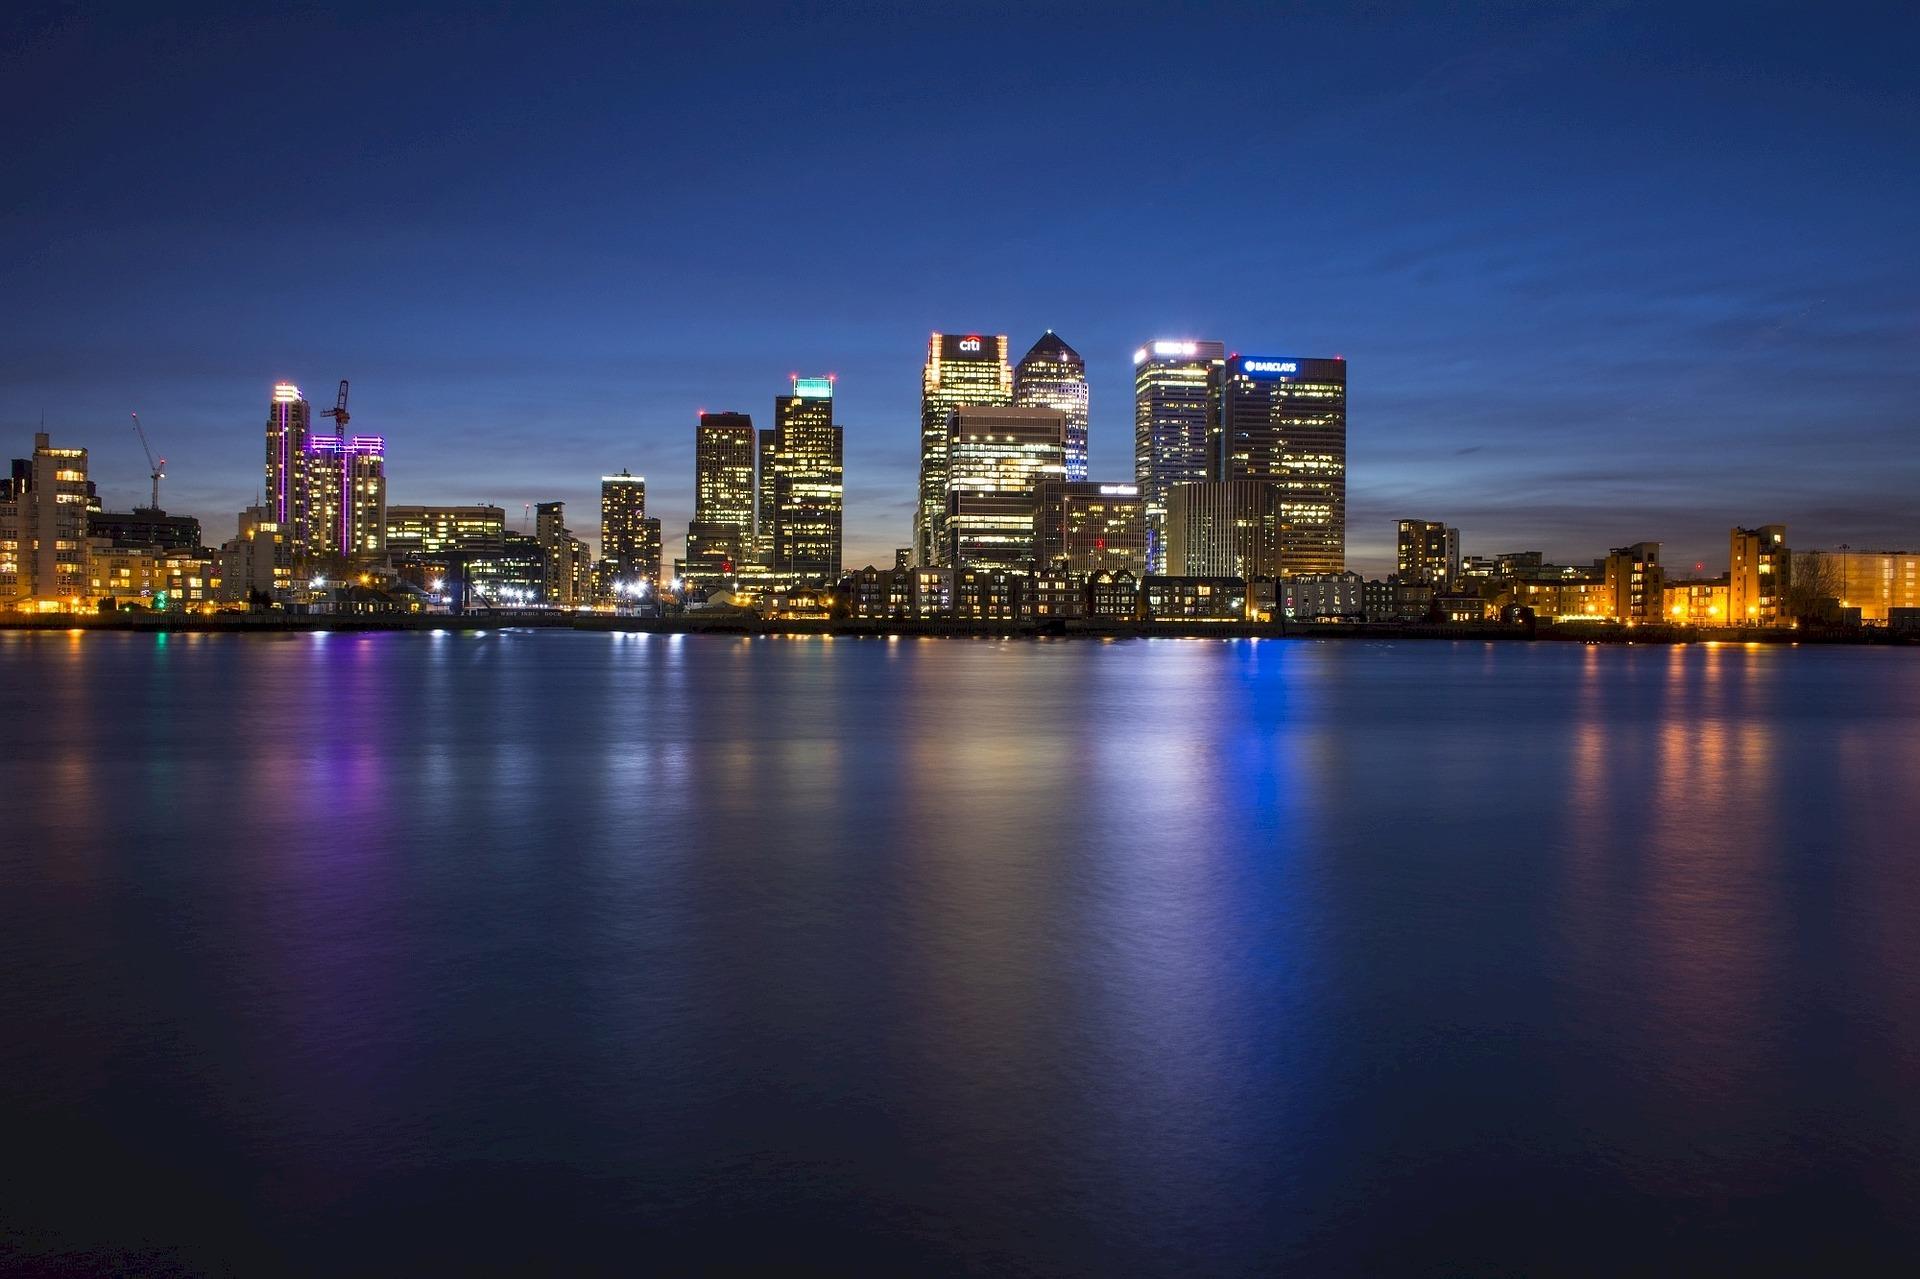 London Hotels Jugendherbergen Unterkünfte England London Pass Buchung Weltweit Billig Niedrigen Preis